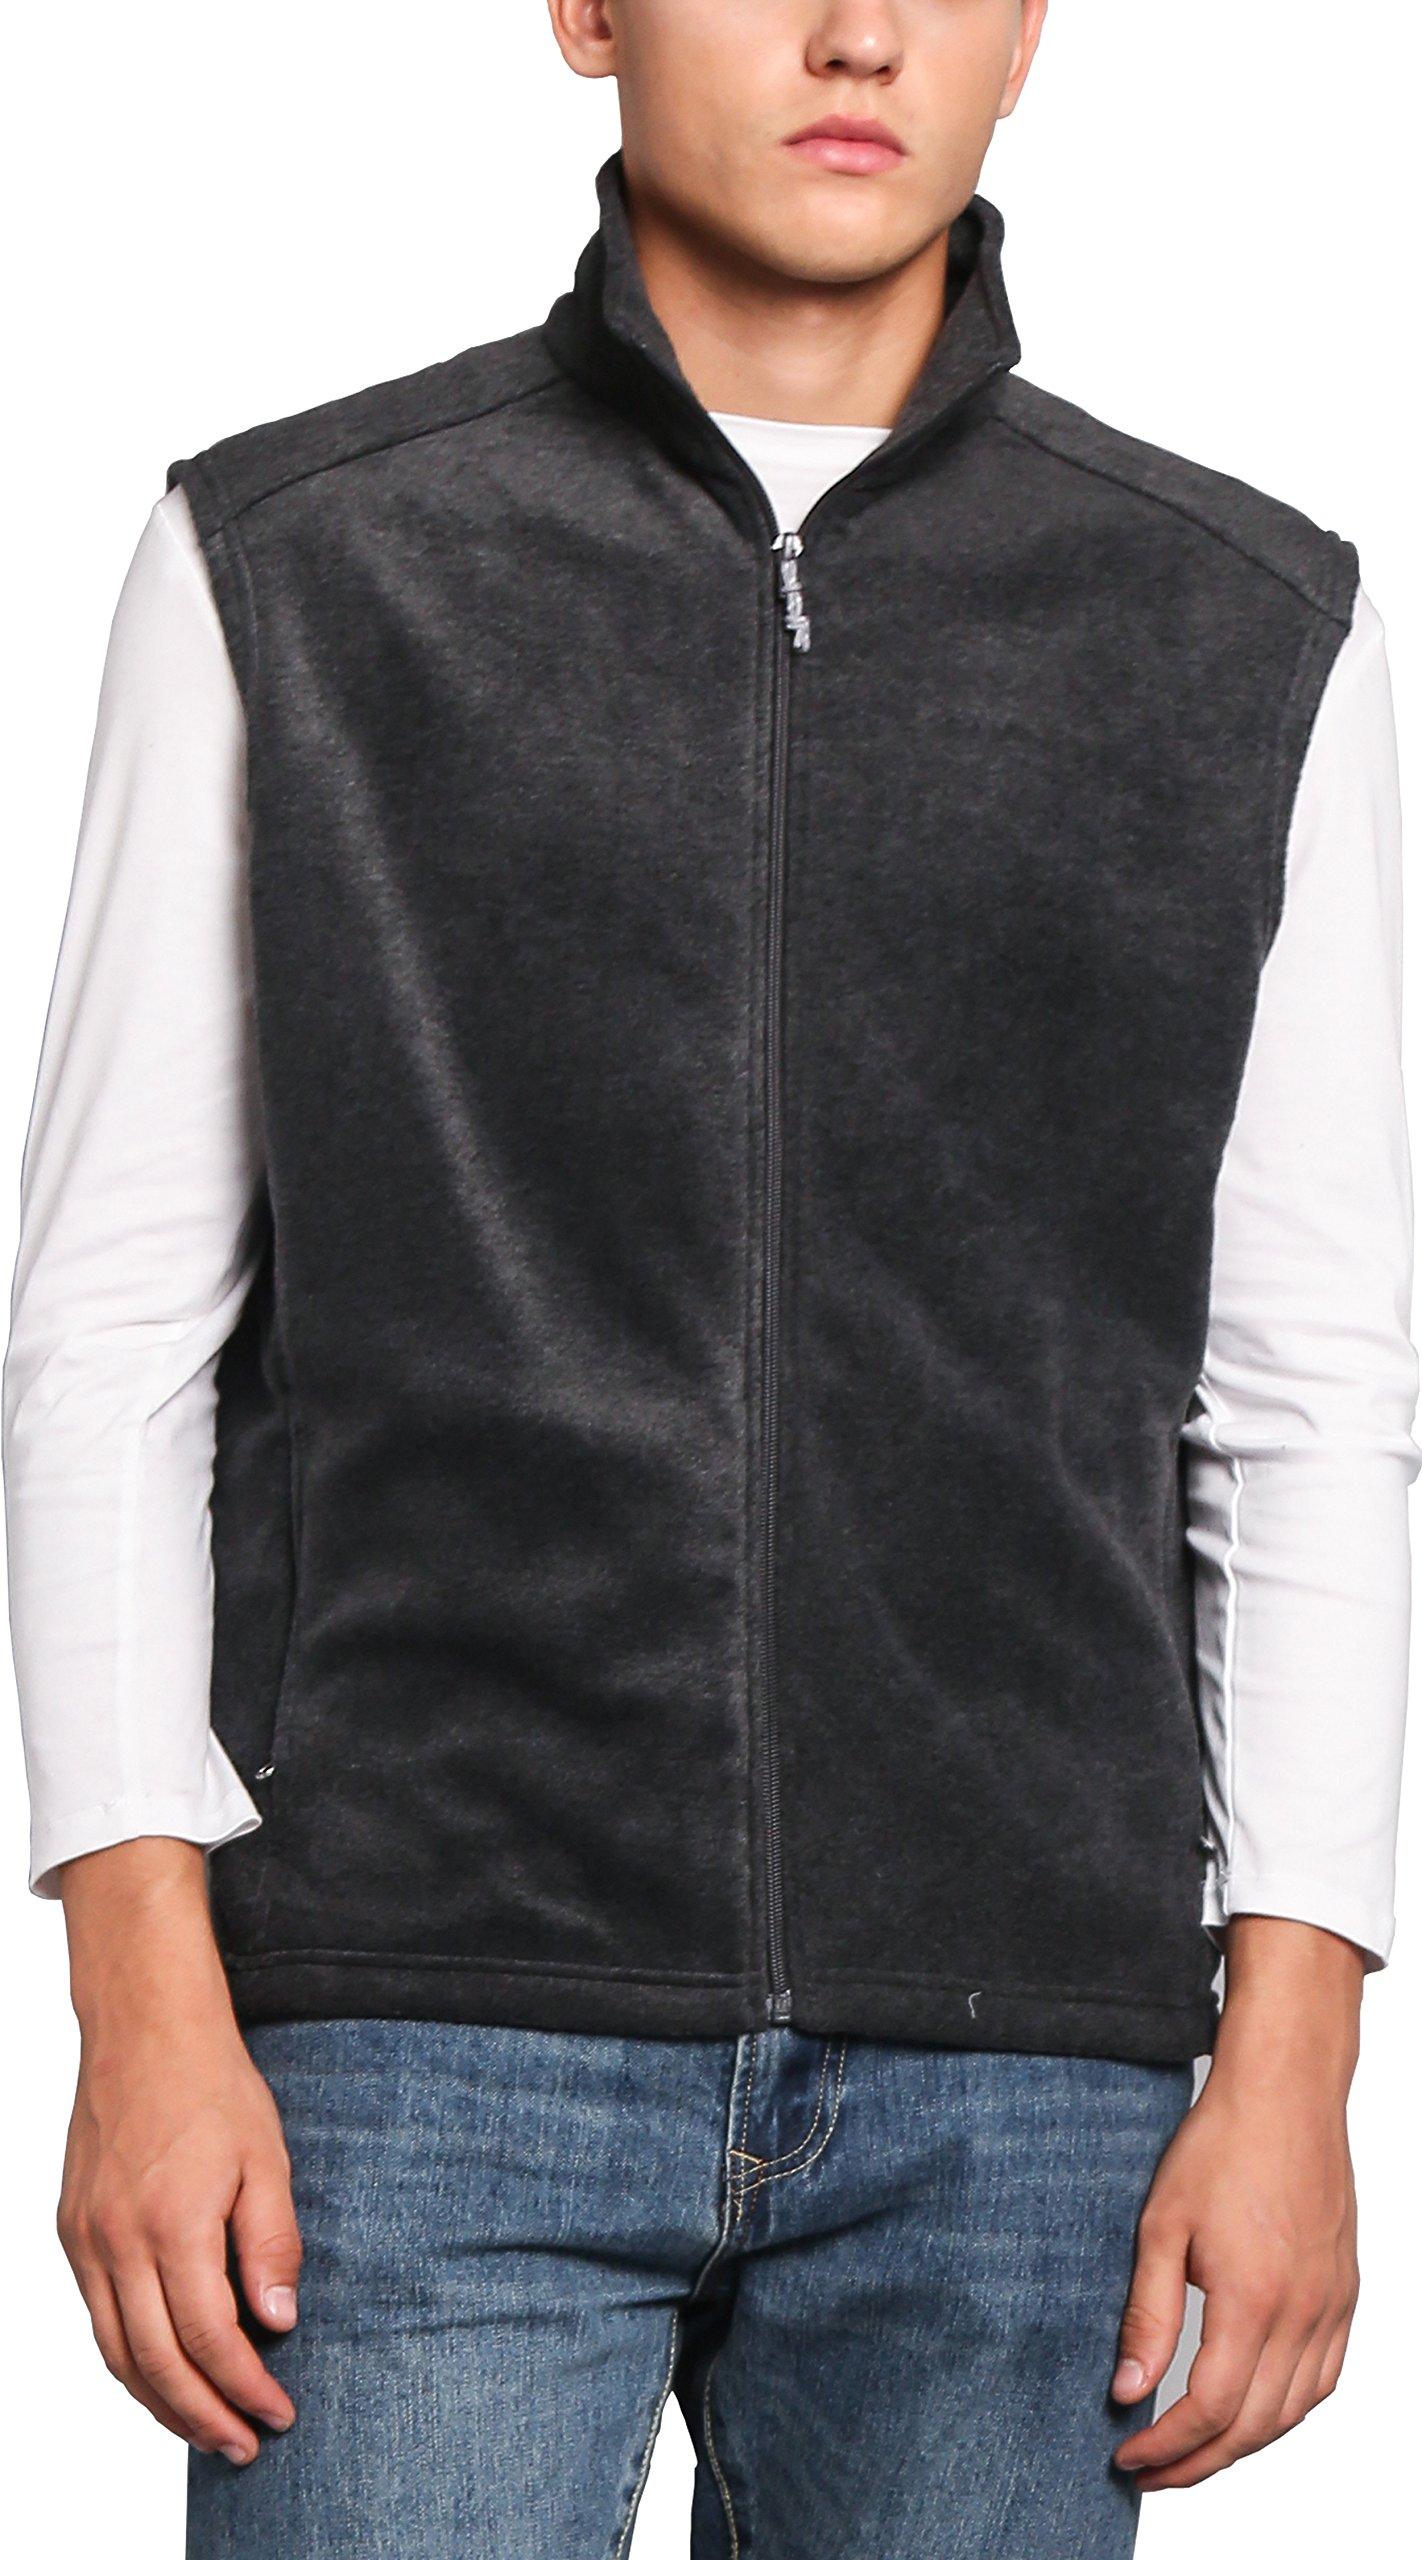 Oalka Men's Full Zip Soft Sport Fleece Vests Heather Dark Grey XXL